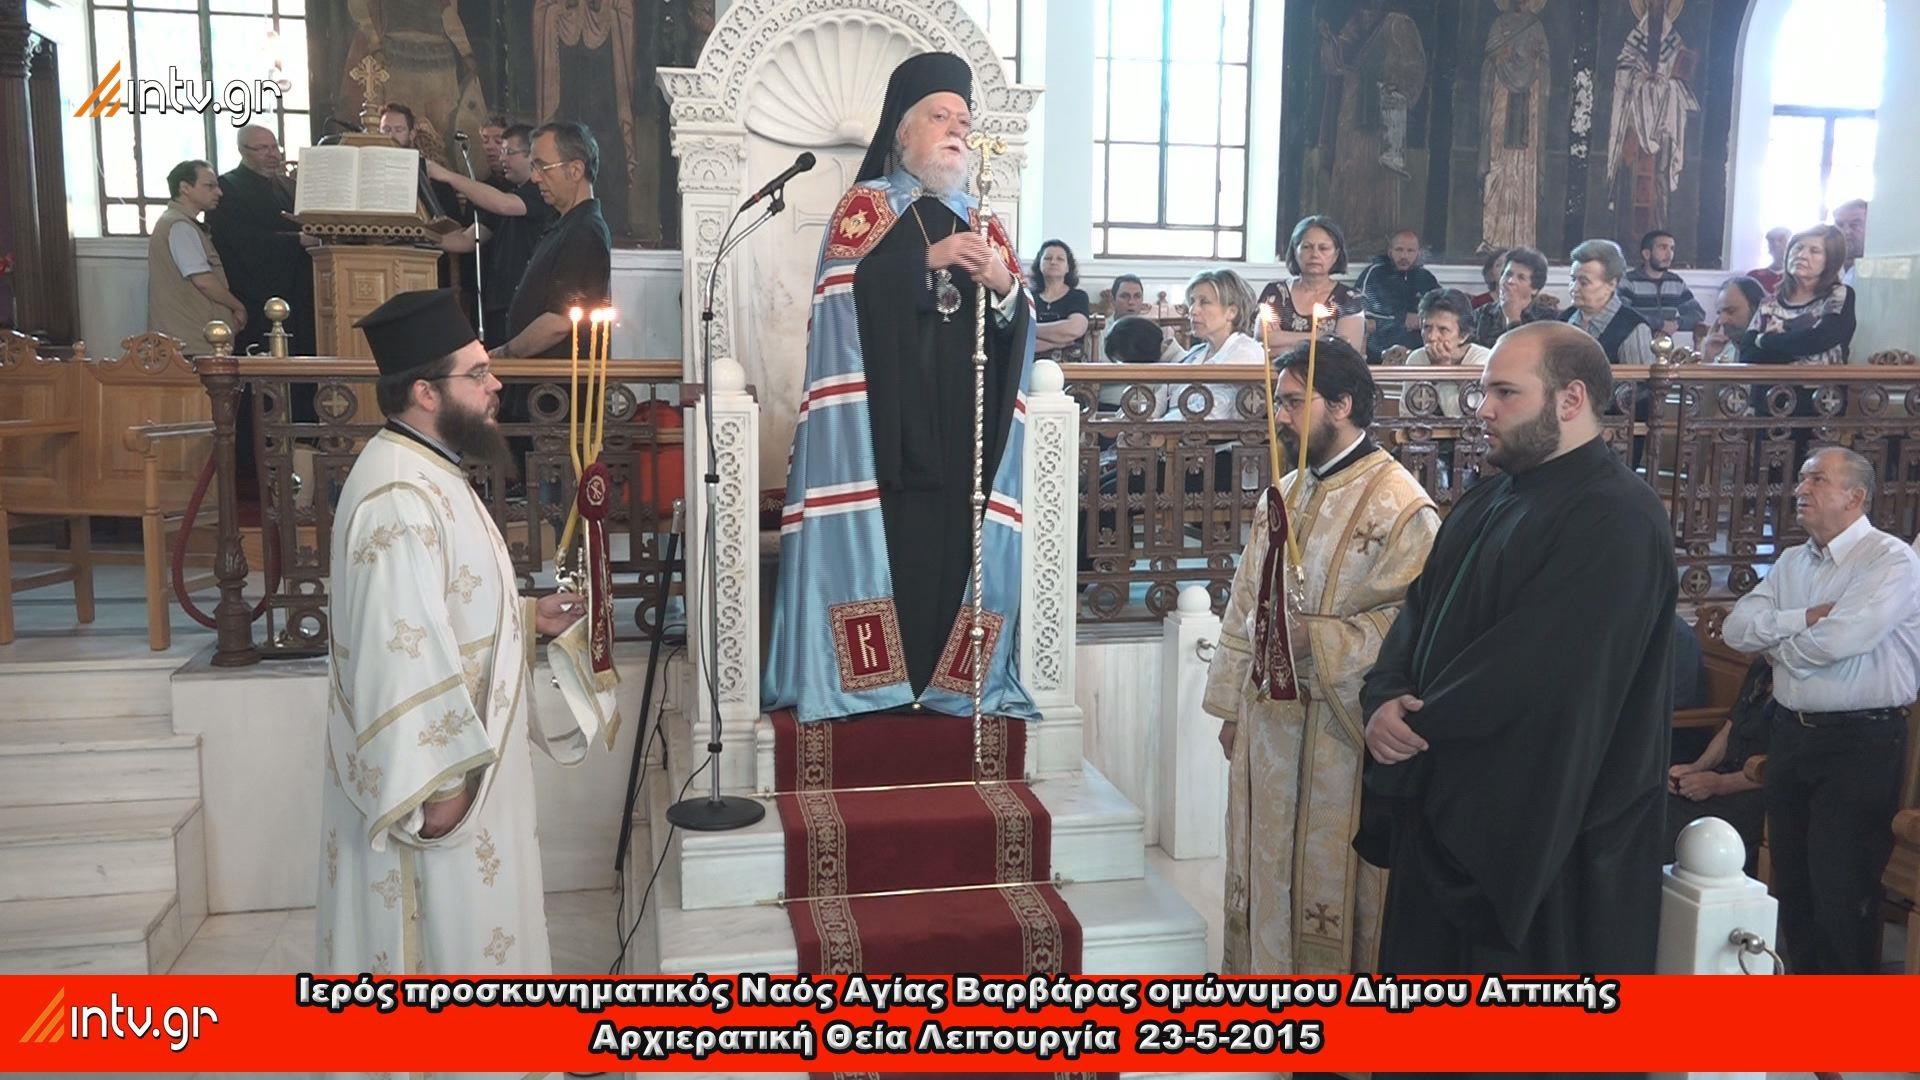 Αποστολική Διακονία της Εκκλησίας της Ελλάδος - Ιερός προσκυνηματικός Ναός Αγίας Βαρβάρας ομώνυμου Δήμου Αττικής- Αρχιερατική Θεία Λειτουργία.